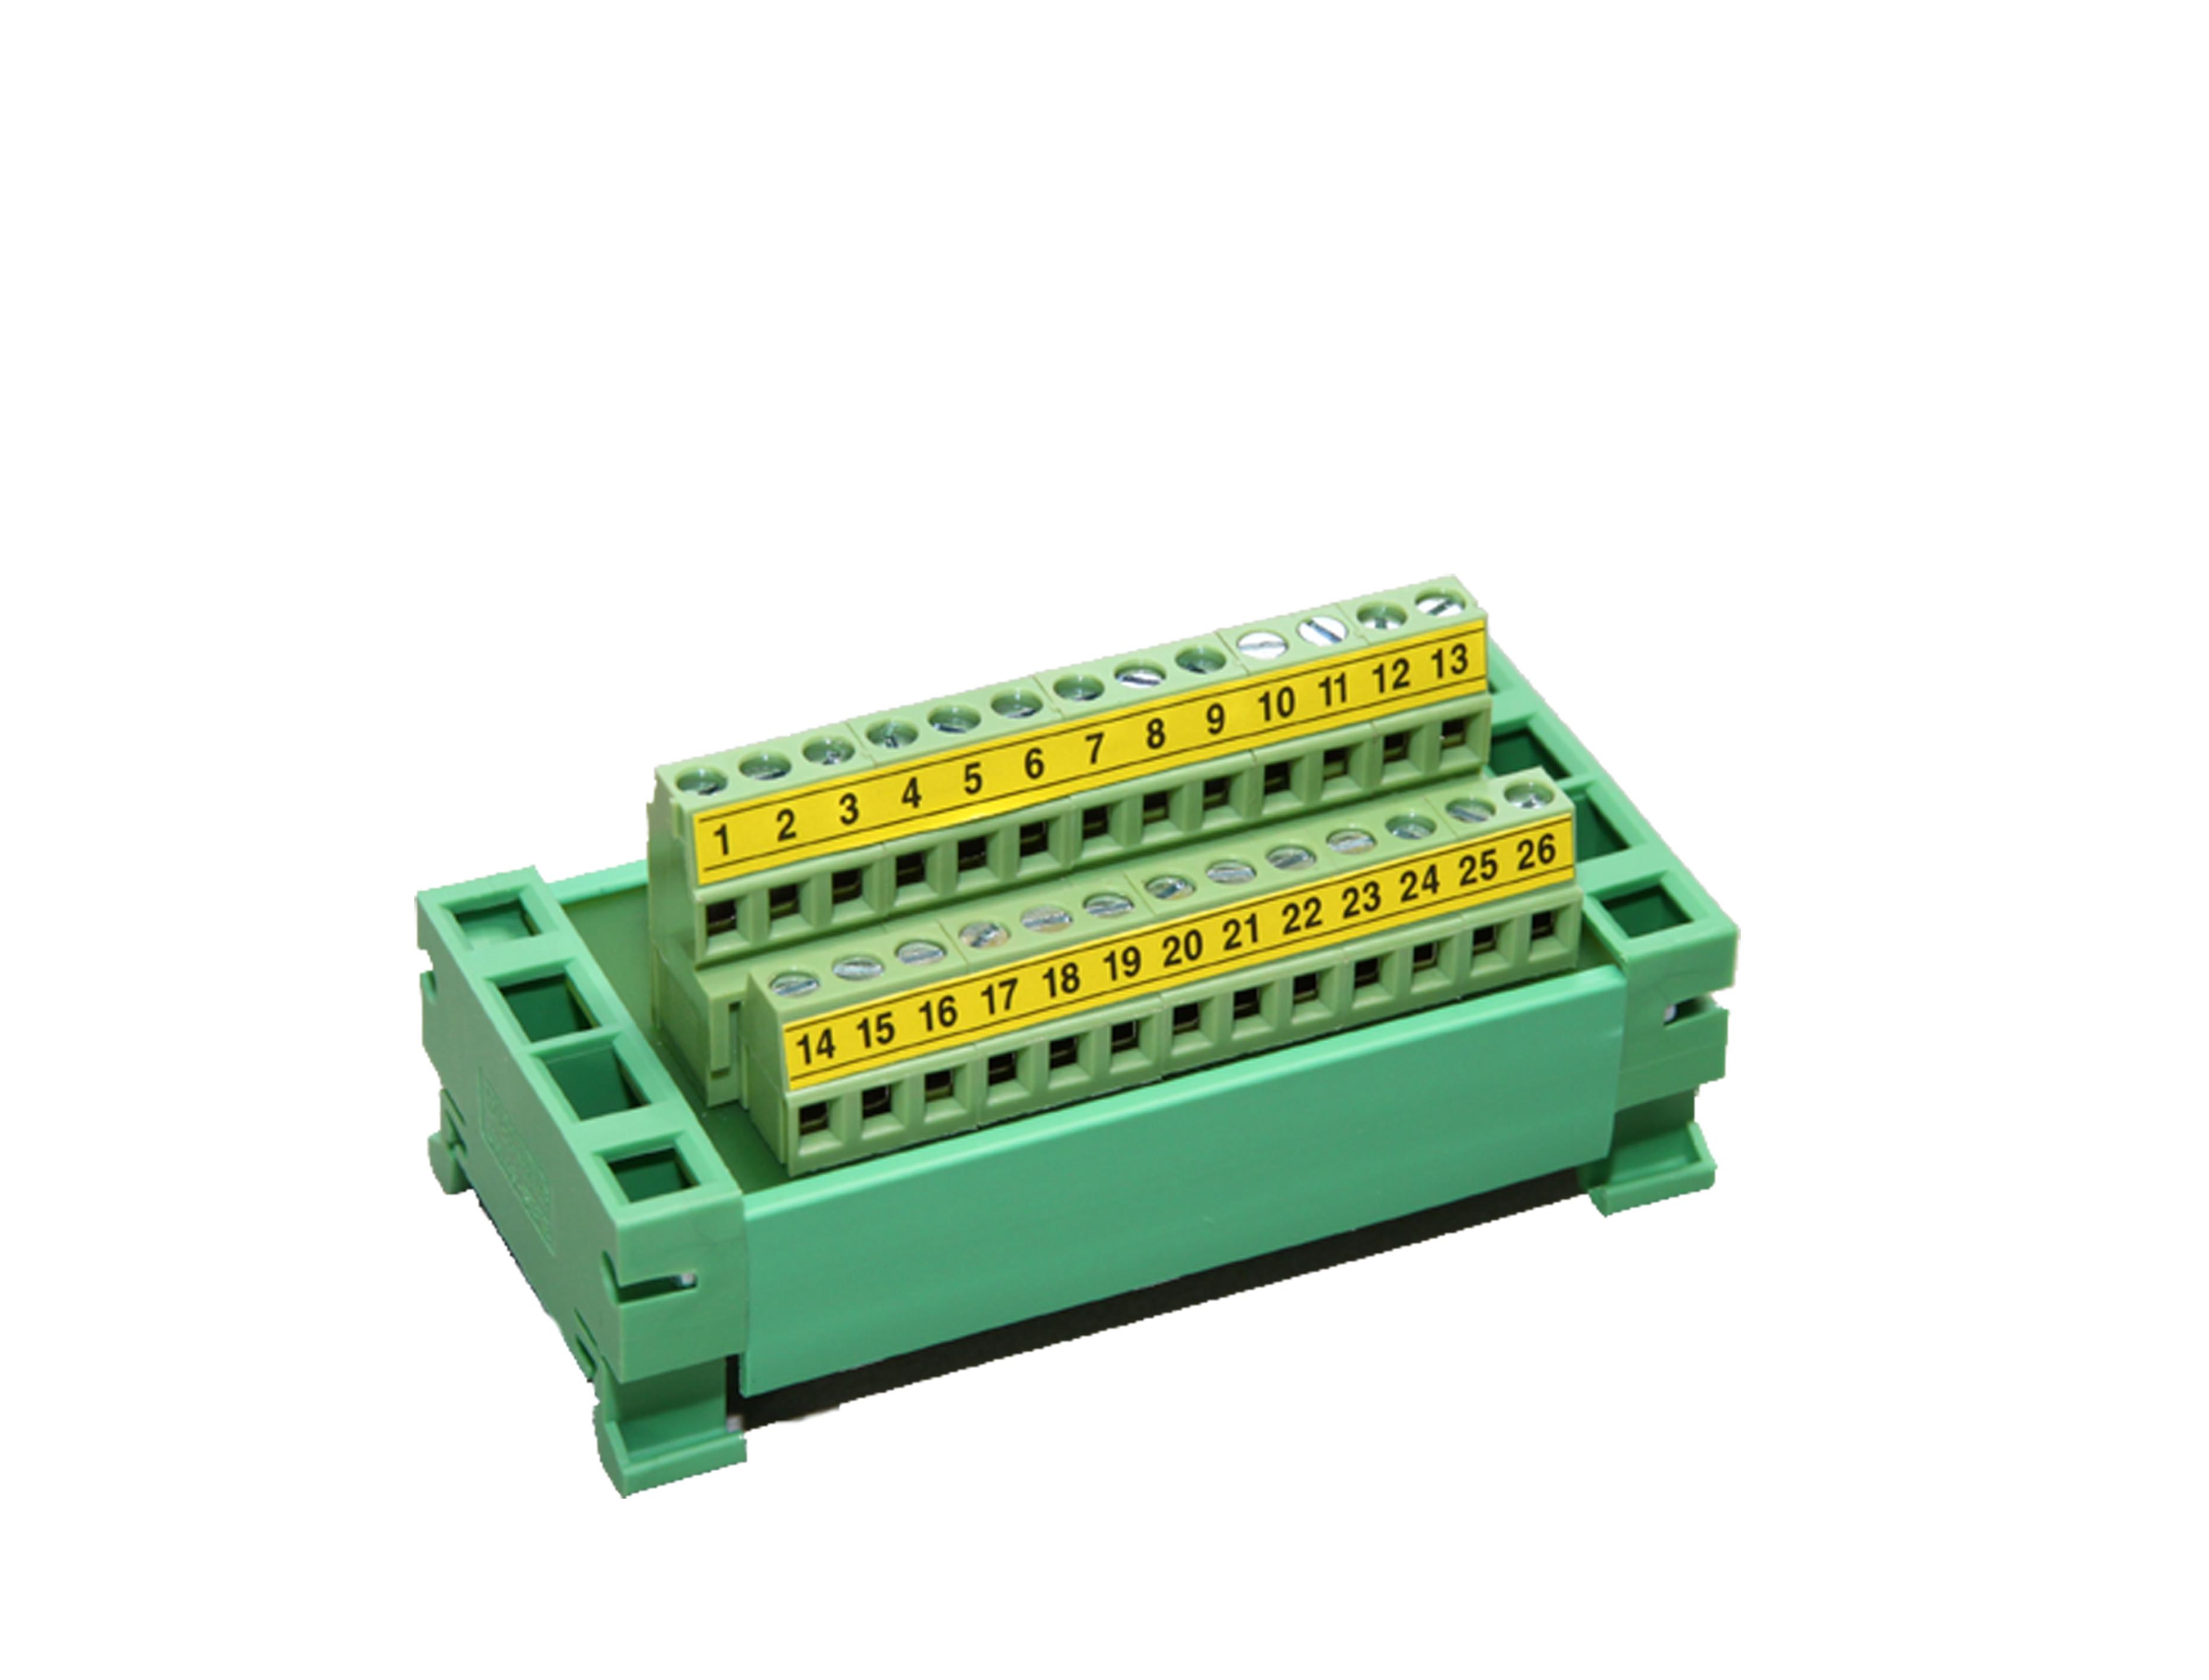 Listwa przyłączeniowa na szynę DIN – DB25 terminal block + taśma przyłączeniowa